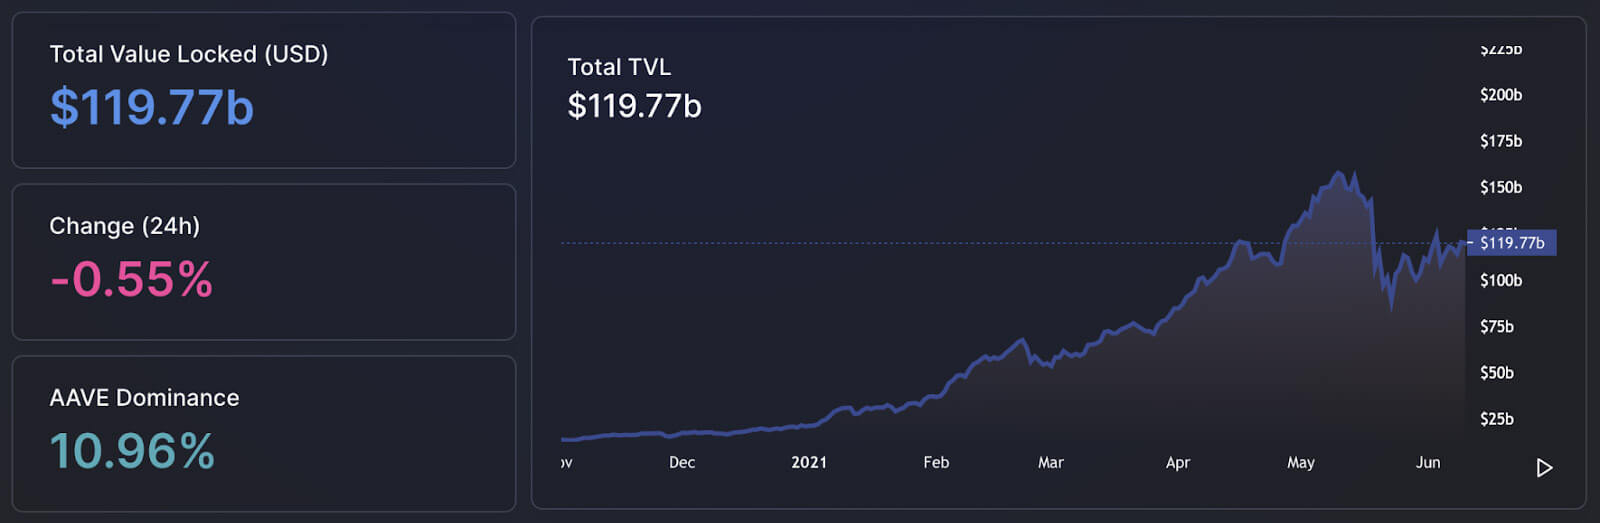 Total Value Locked in DeFi (Source: DeFi Llama)